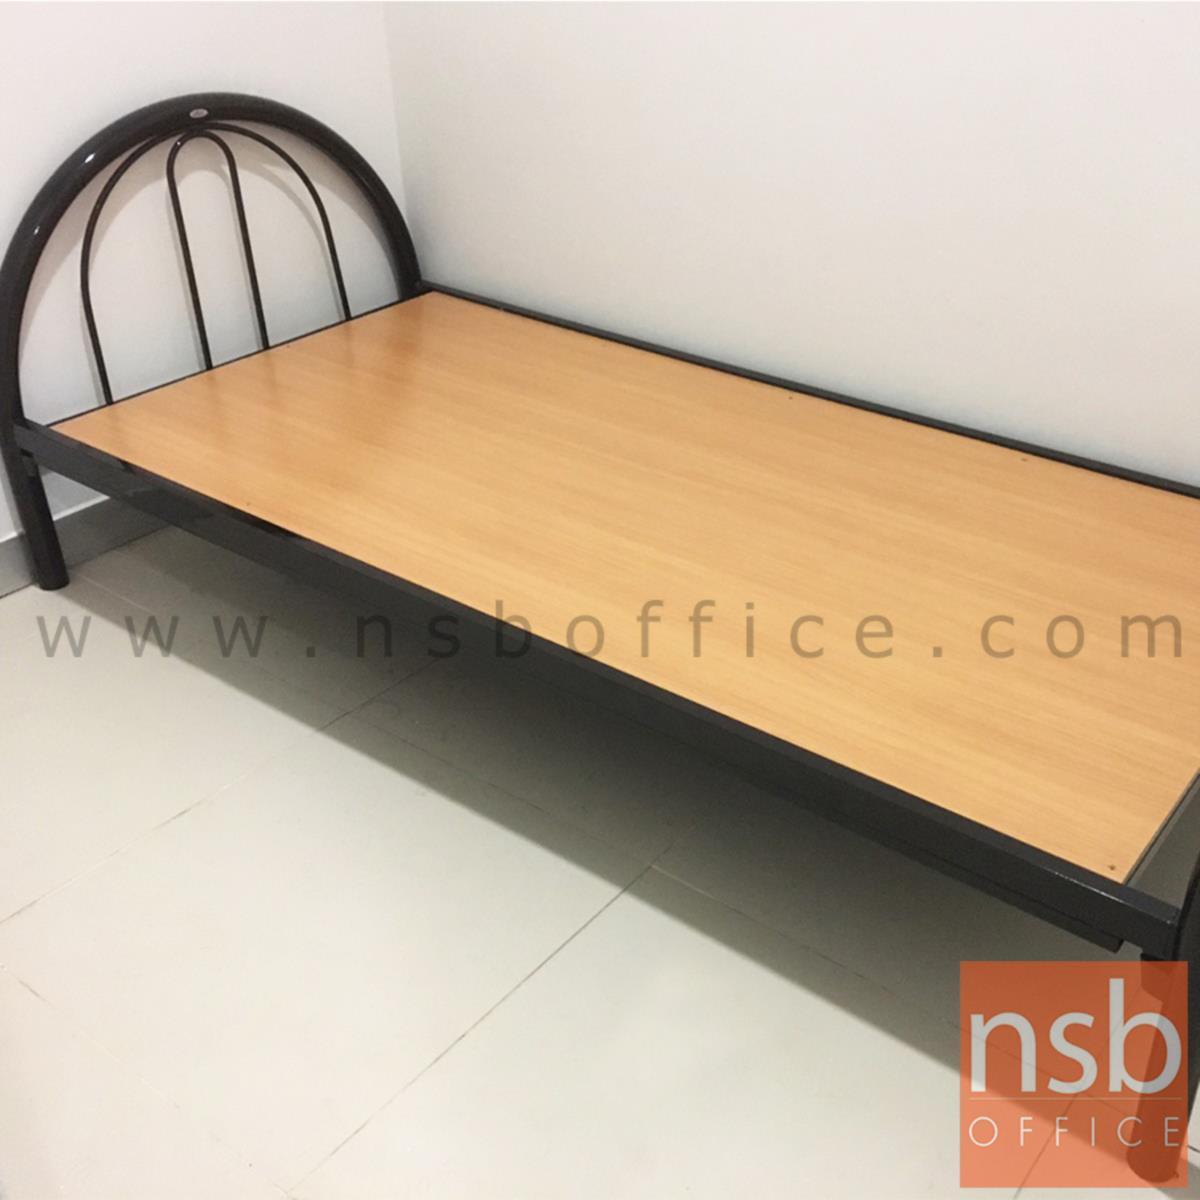 เตียงเหล็กชั้นเดียว  3 ,3.5 ฟุต B77/3 หนาพิเศษ 0.9 mm สีดำ (มีไม้พื้น ยึดติดโครงเหล็ก)